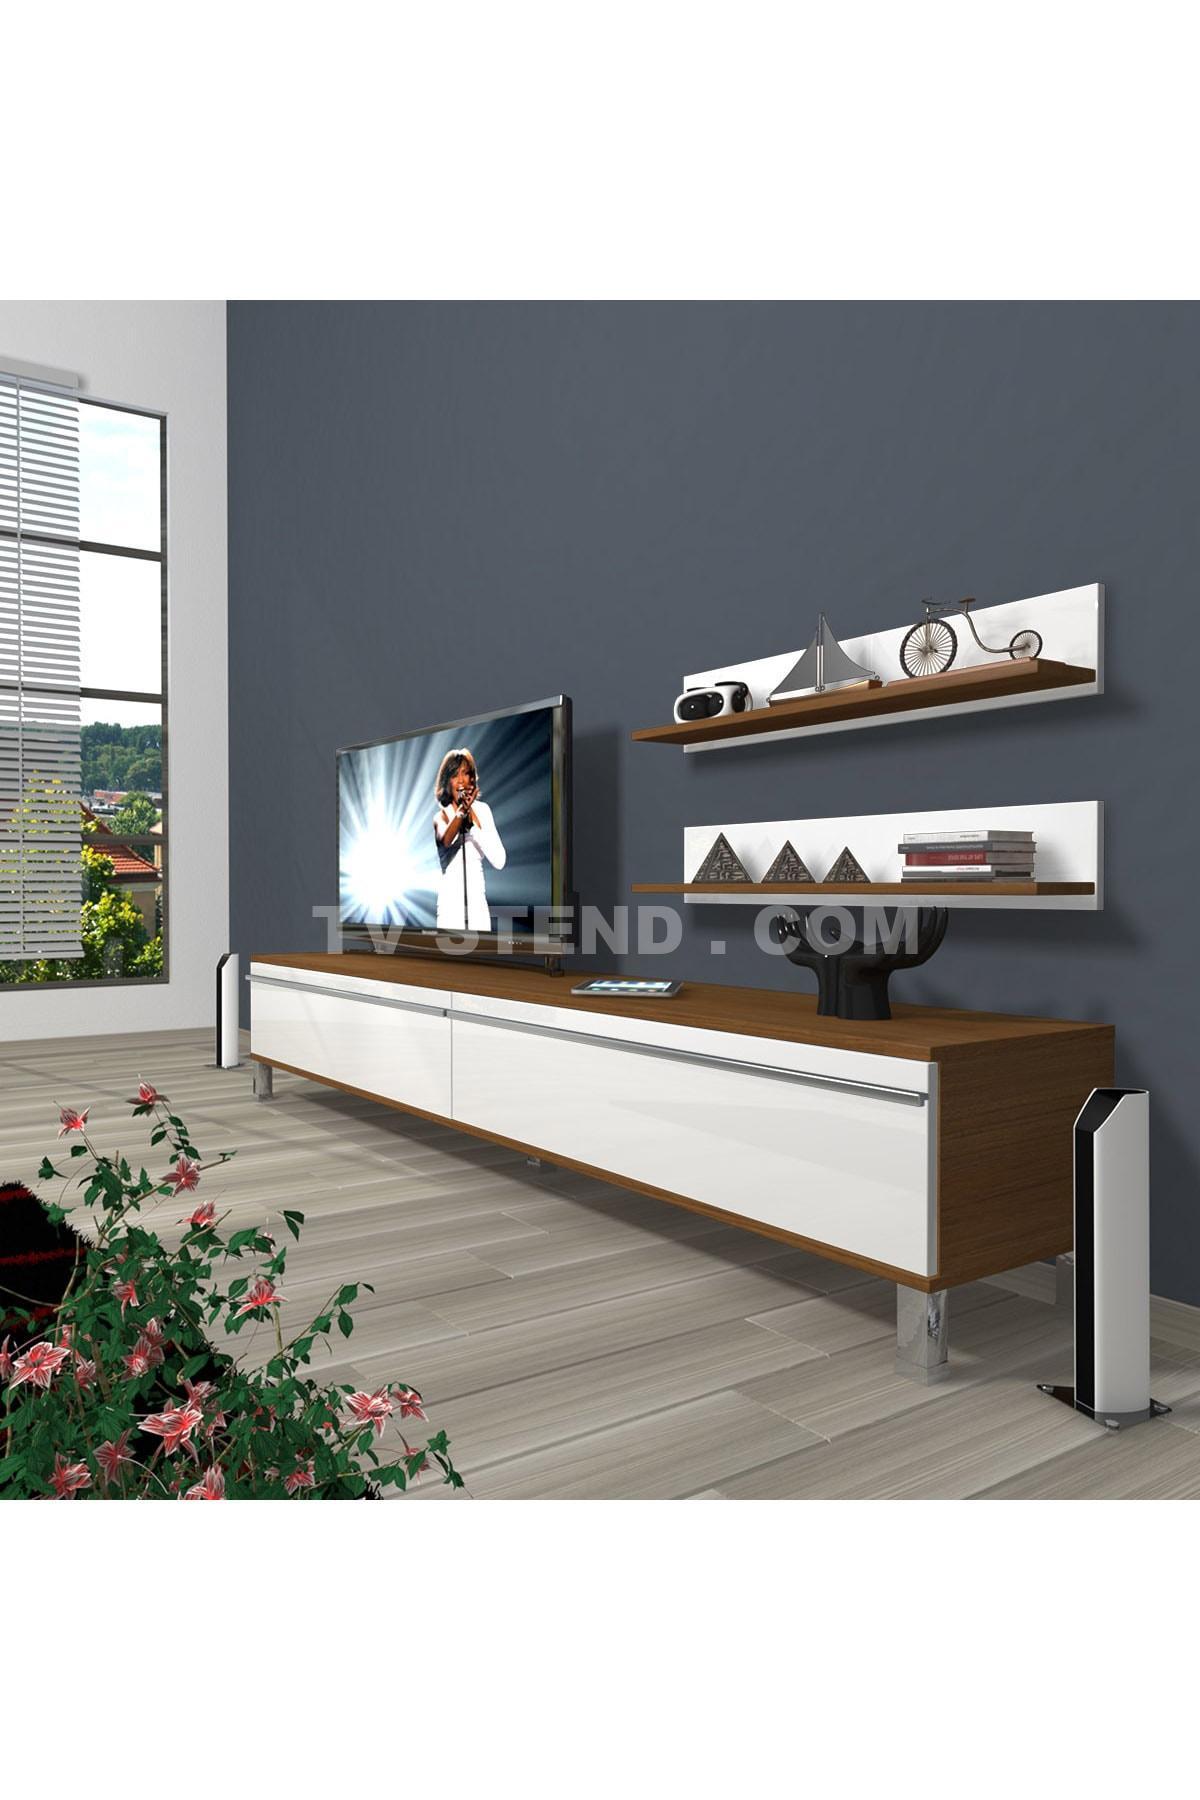 Decoraktiv Eko 4 tv stend